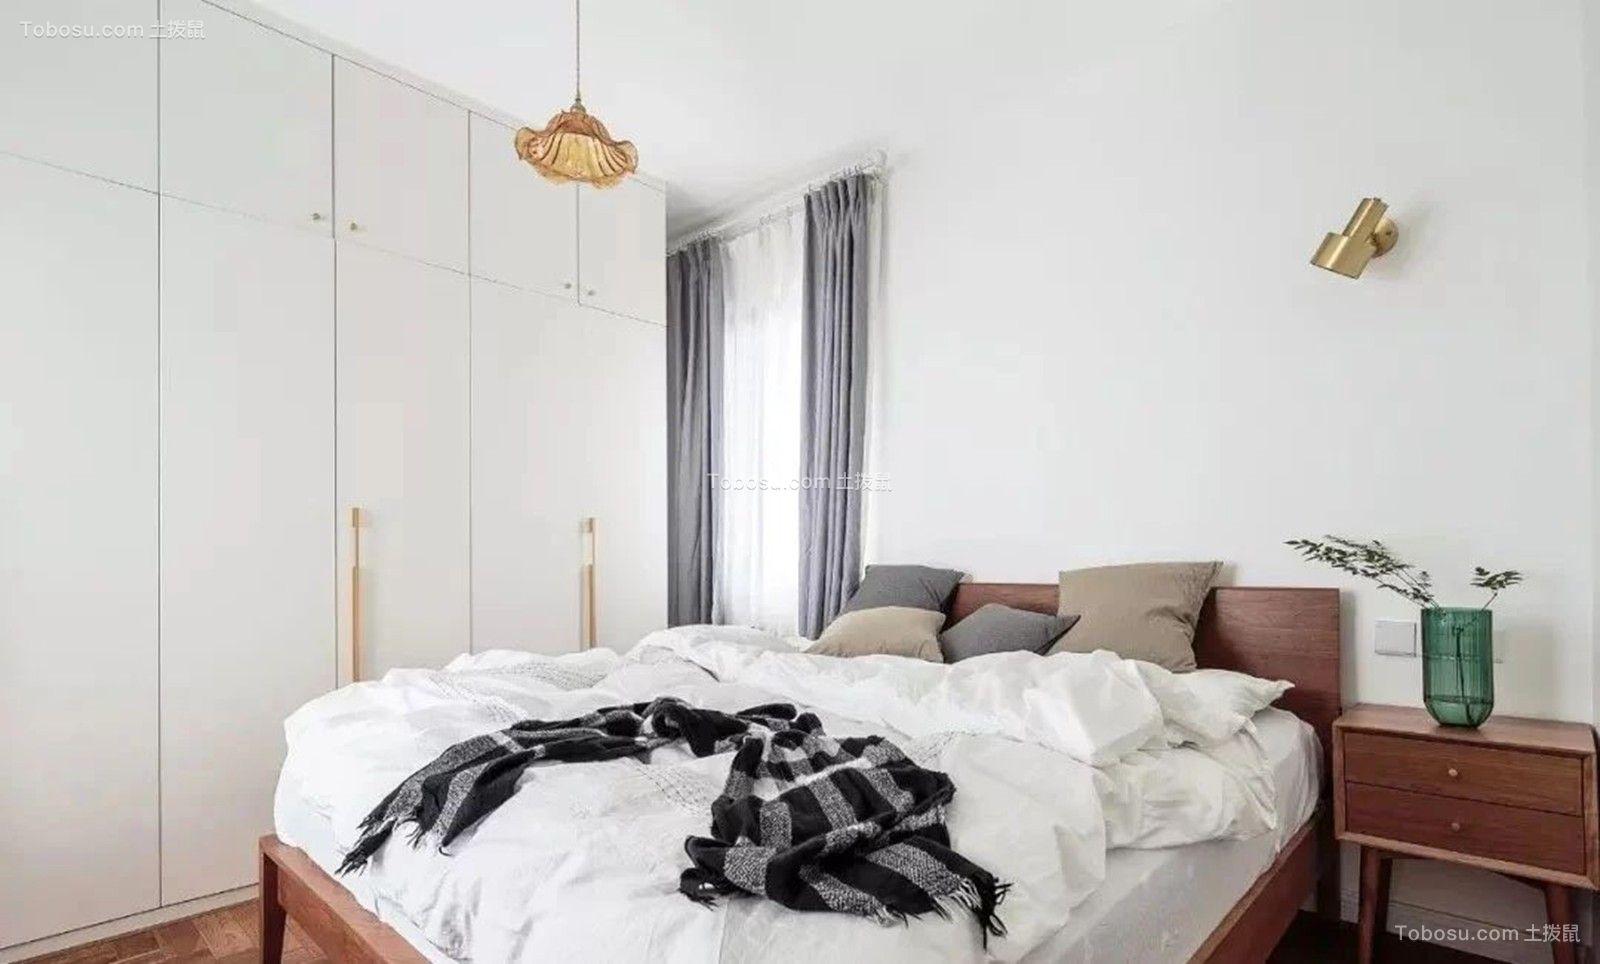 恒昌卢浮公馆  138平米现代简约三居室,自然舒适精致又大气